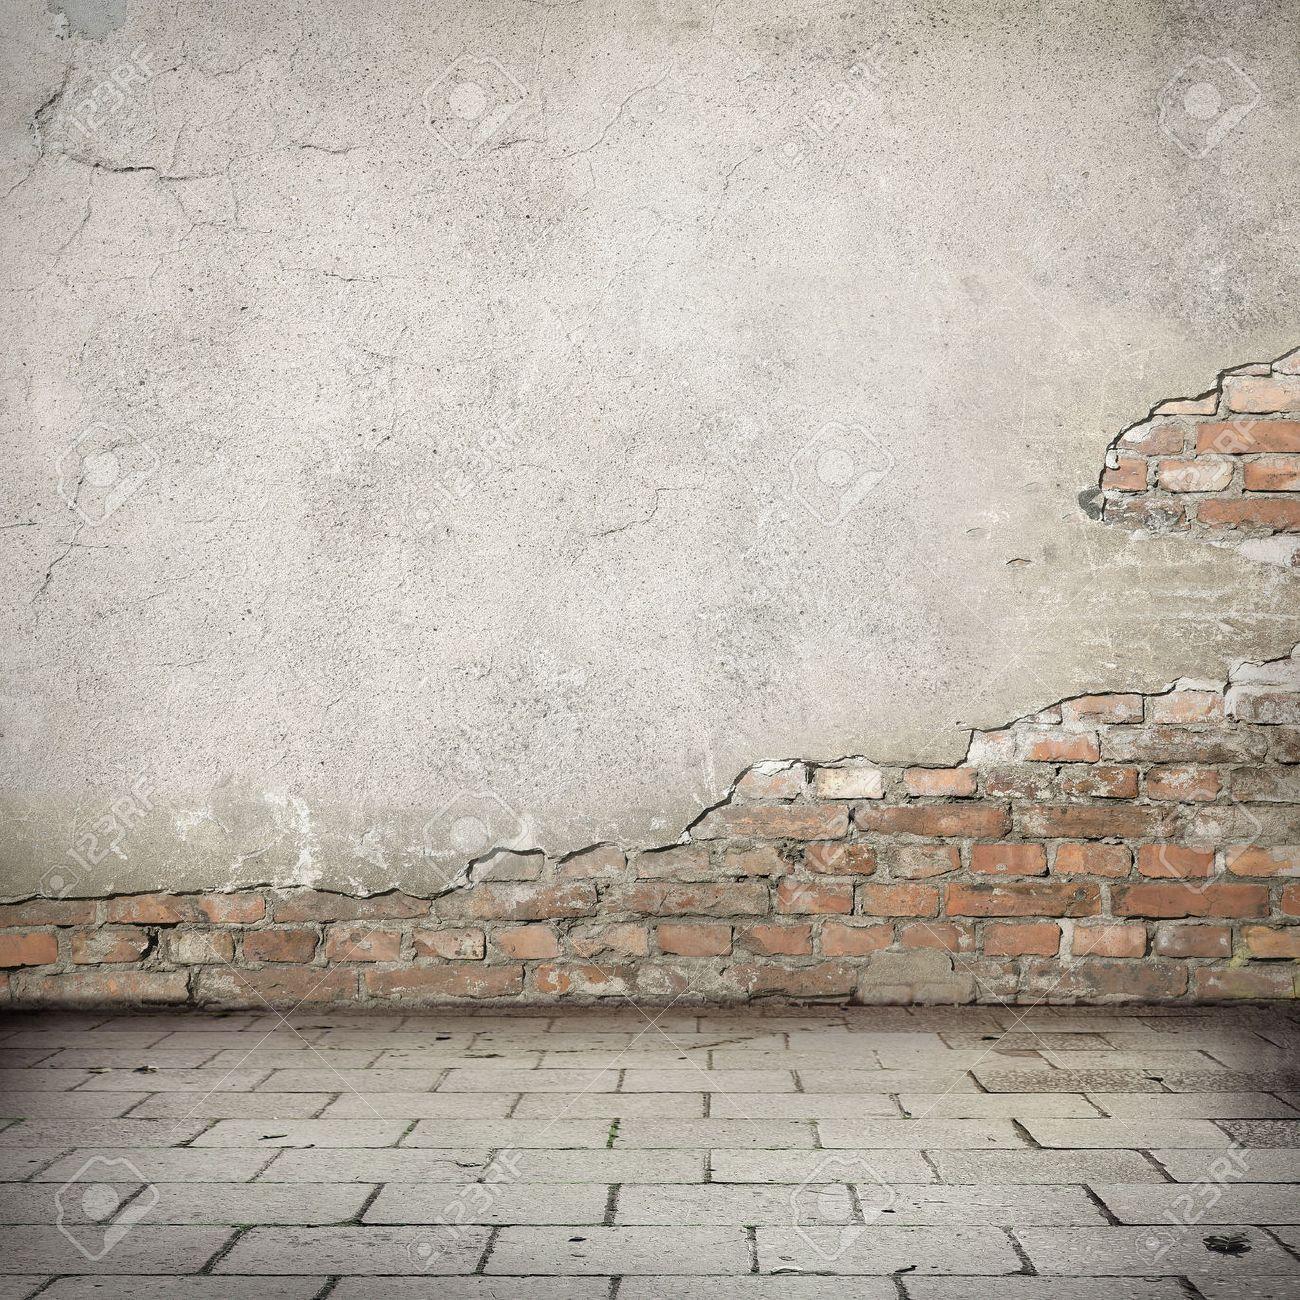 Banque Du0027images   Grunge, Rouge Brique Mur Texture Mur De Plâtre Lumineux  Et Blocs Trottoir De La Route Abandonnée Fond Urbain Extérieur Pour Votre  Propre ...